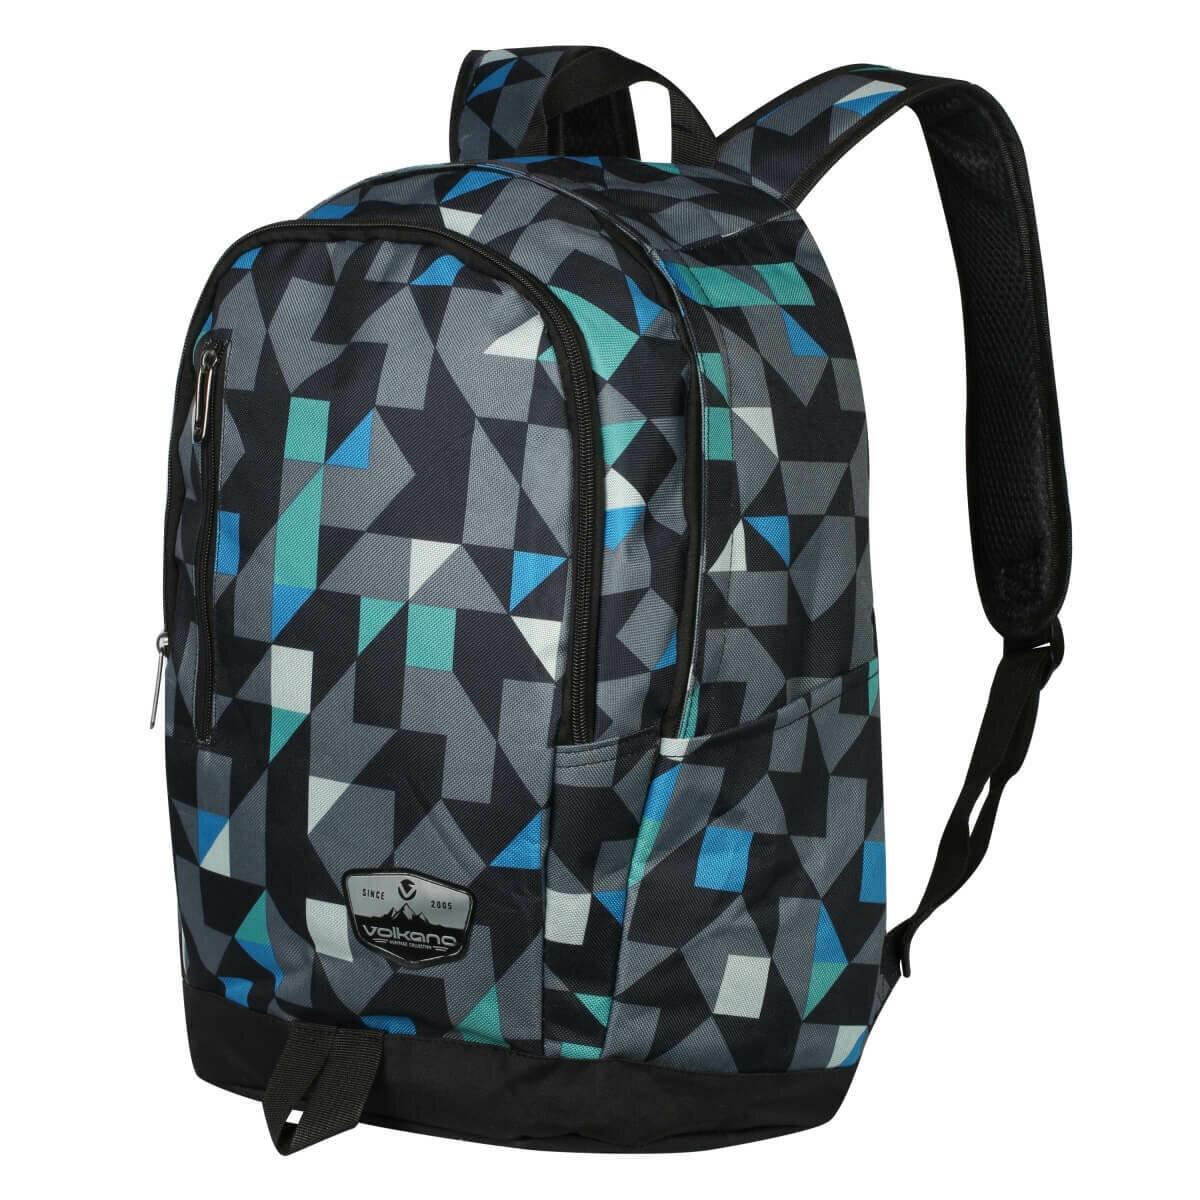 Volkano Geometric Series Backpacks